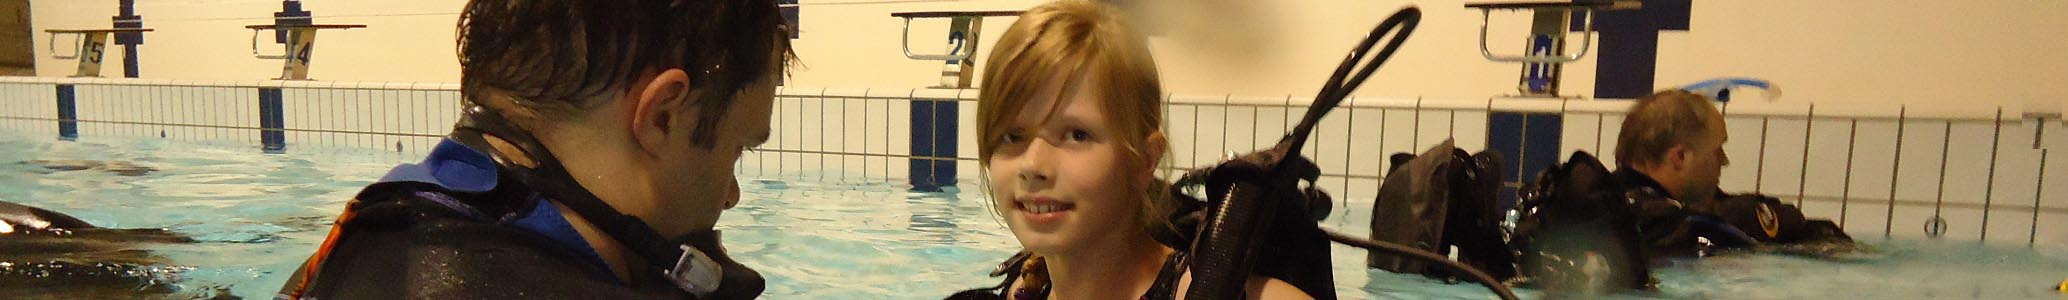 Samenwerking jeugd met duikscholen